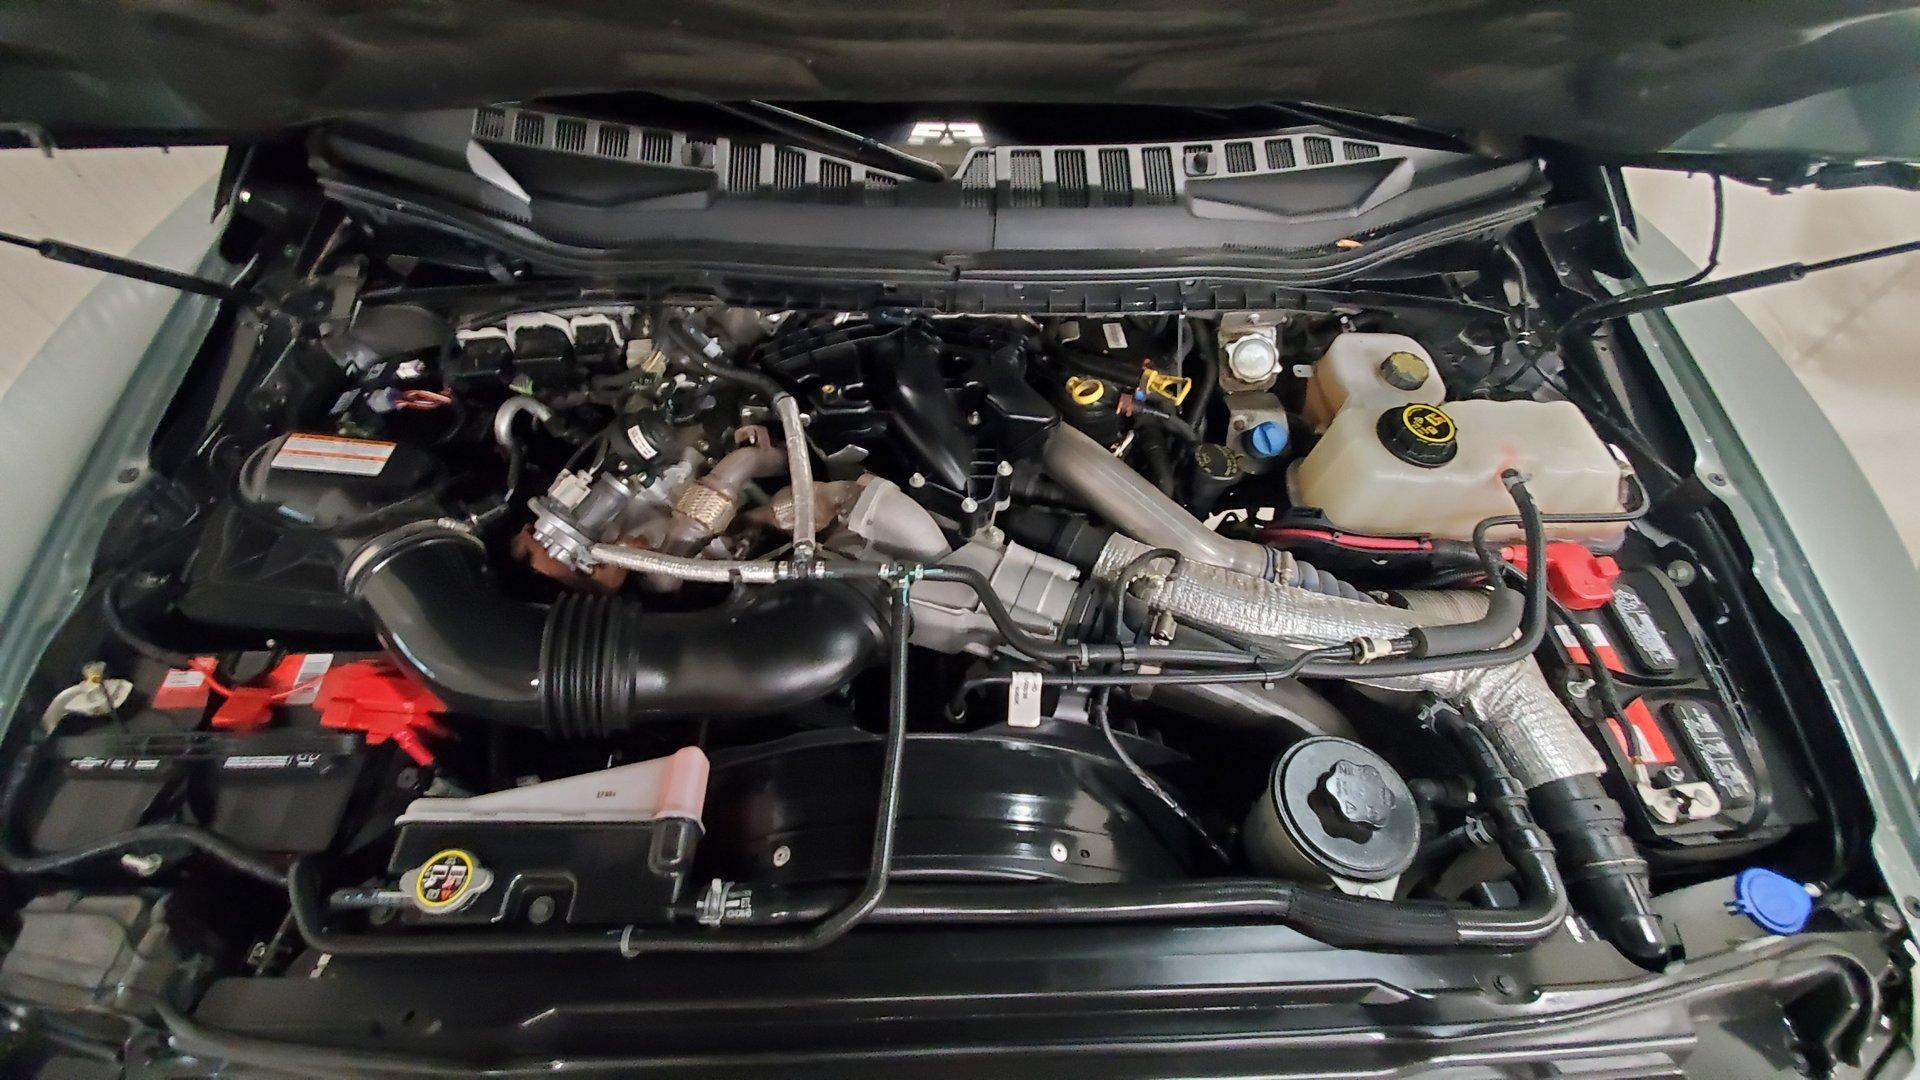 Ford F-550 Super Duty Indomitus 6x6 onder de motorkap